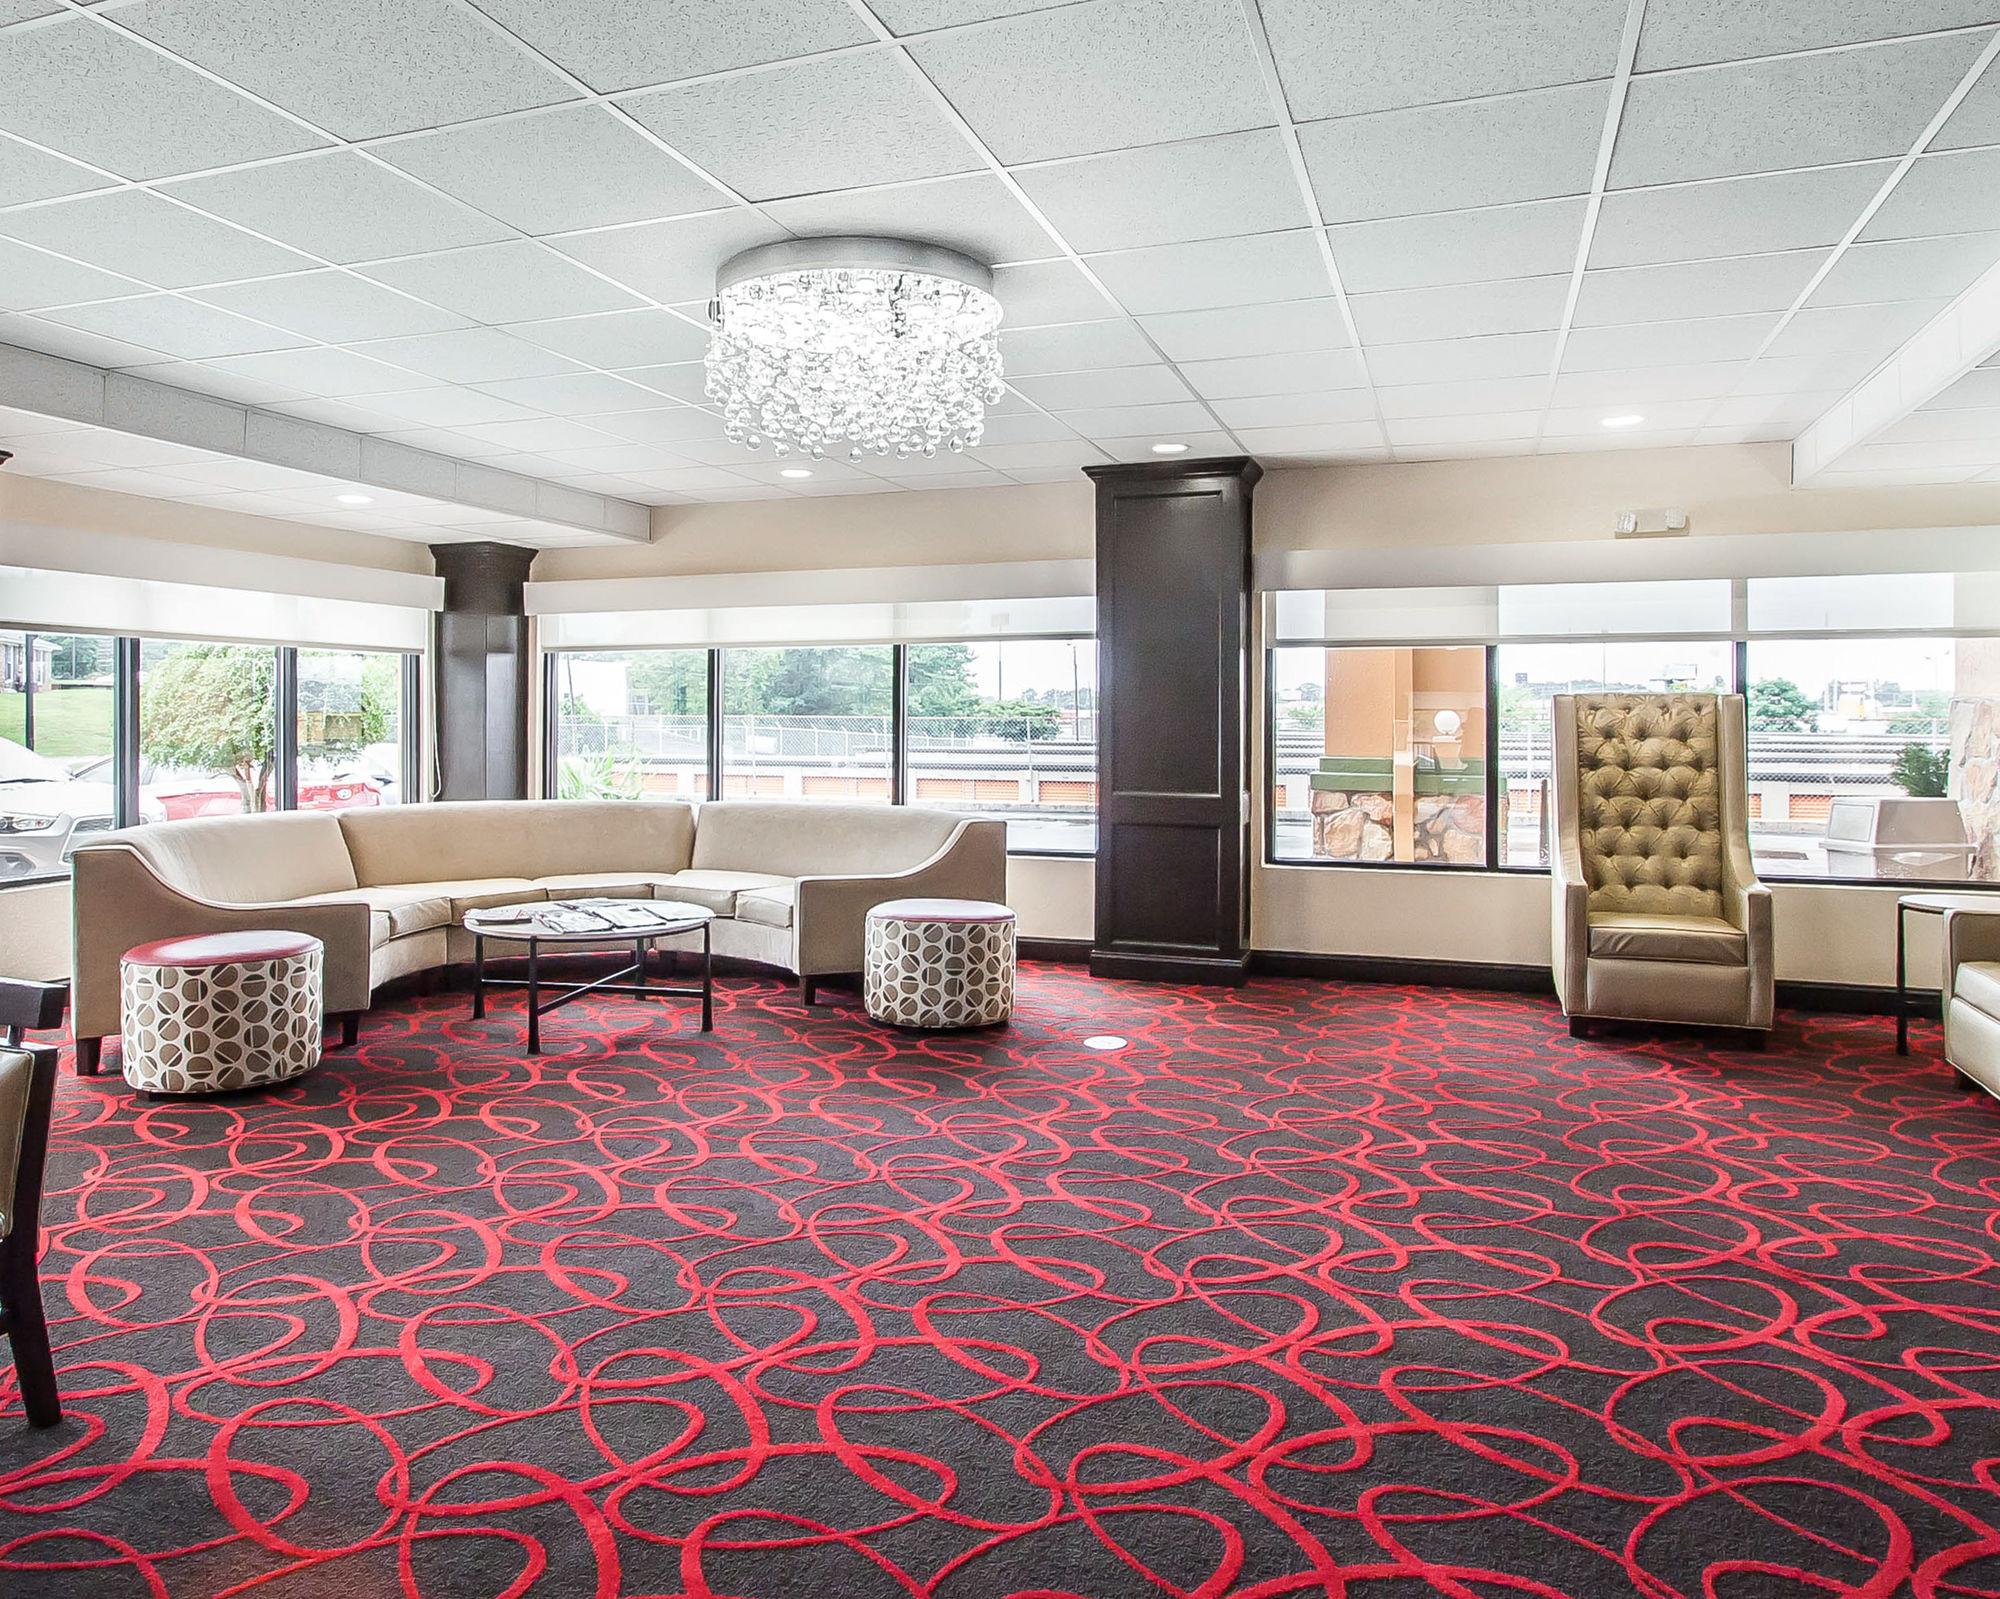 Quality Inn Tuscaloosa in Tuscaloosa, AL